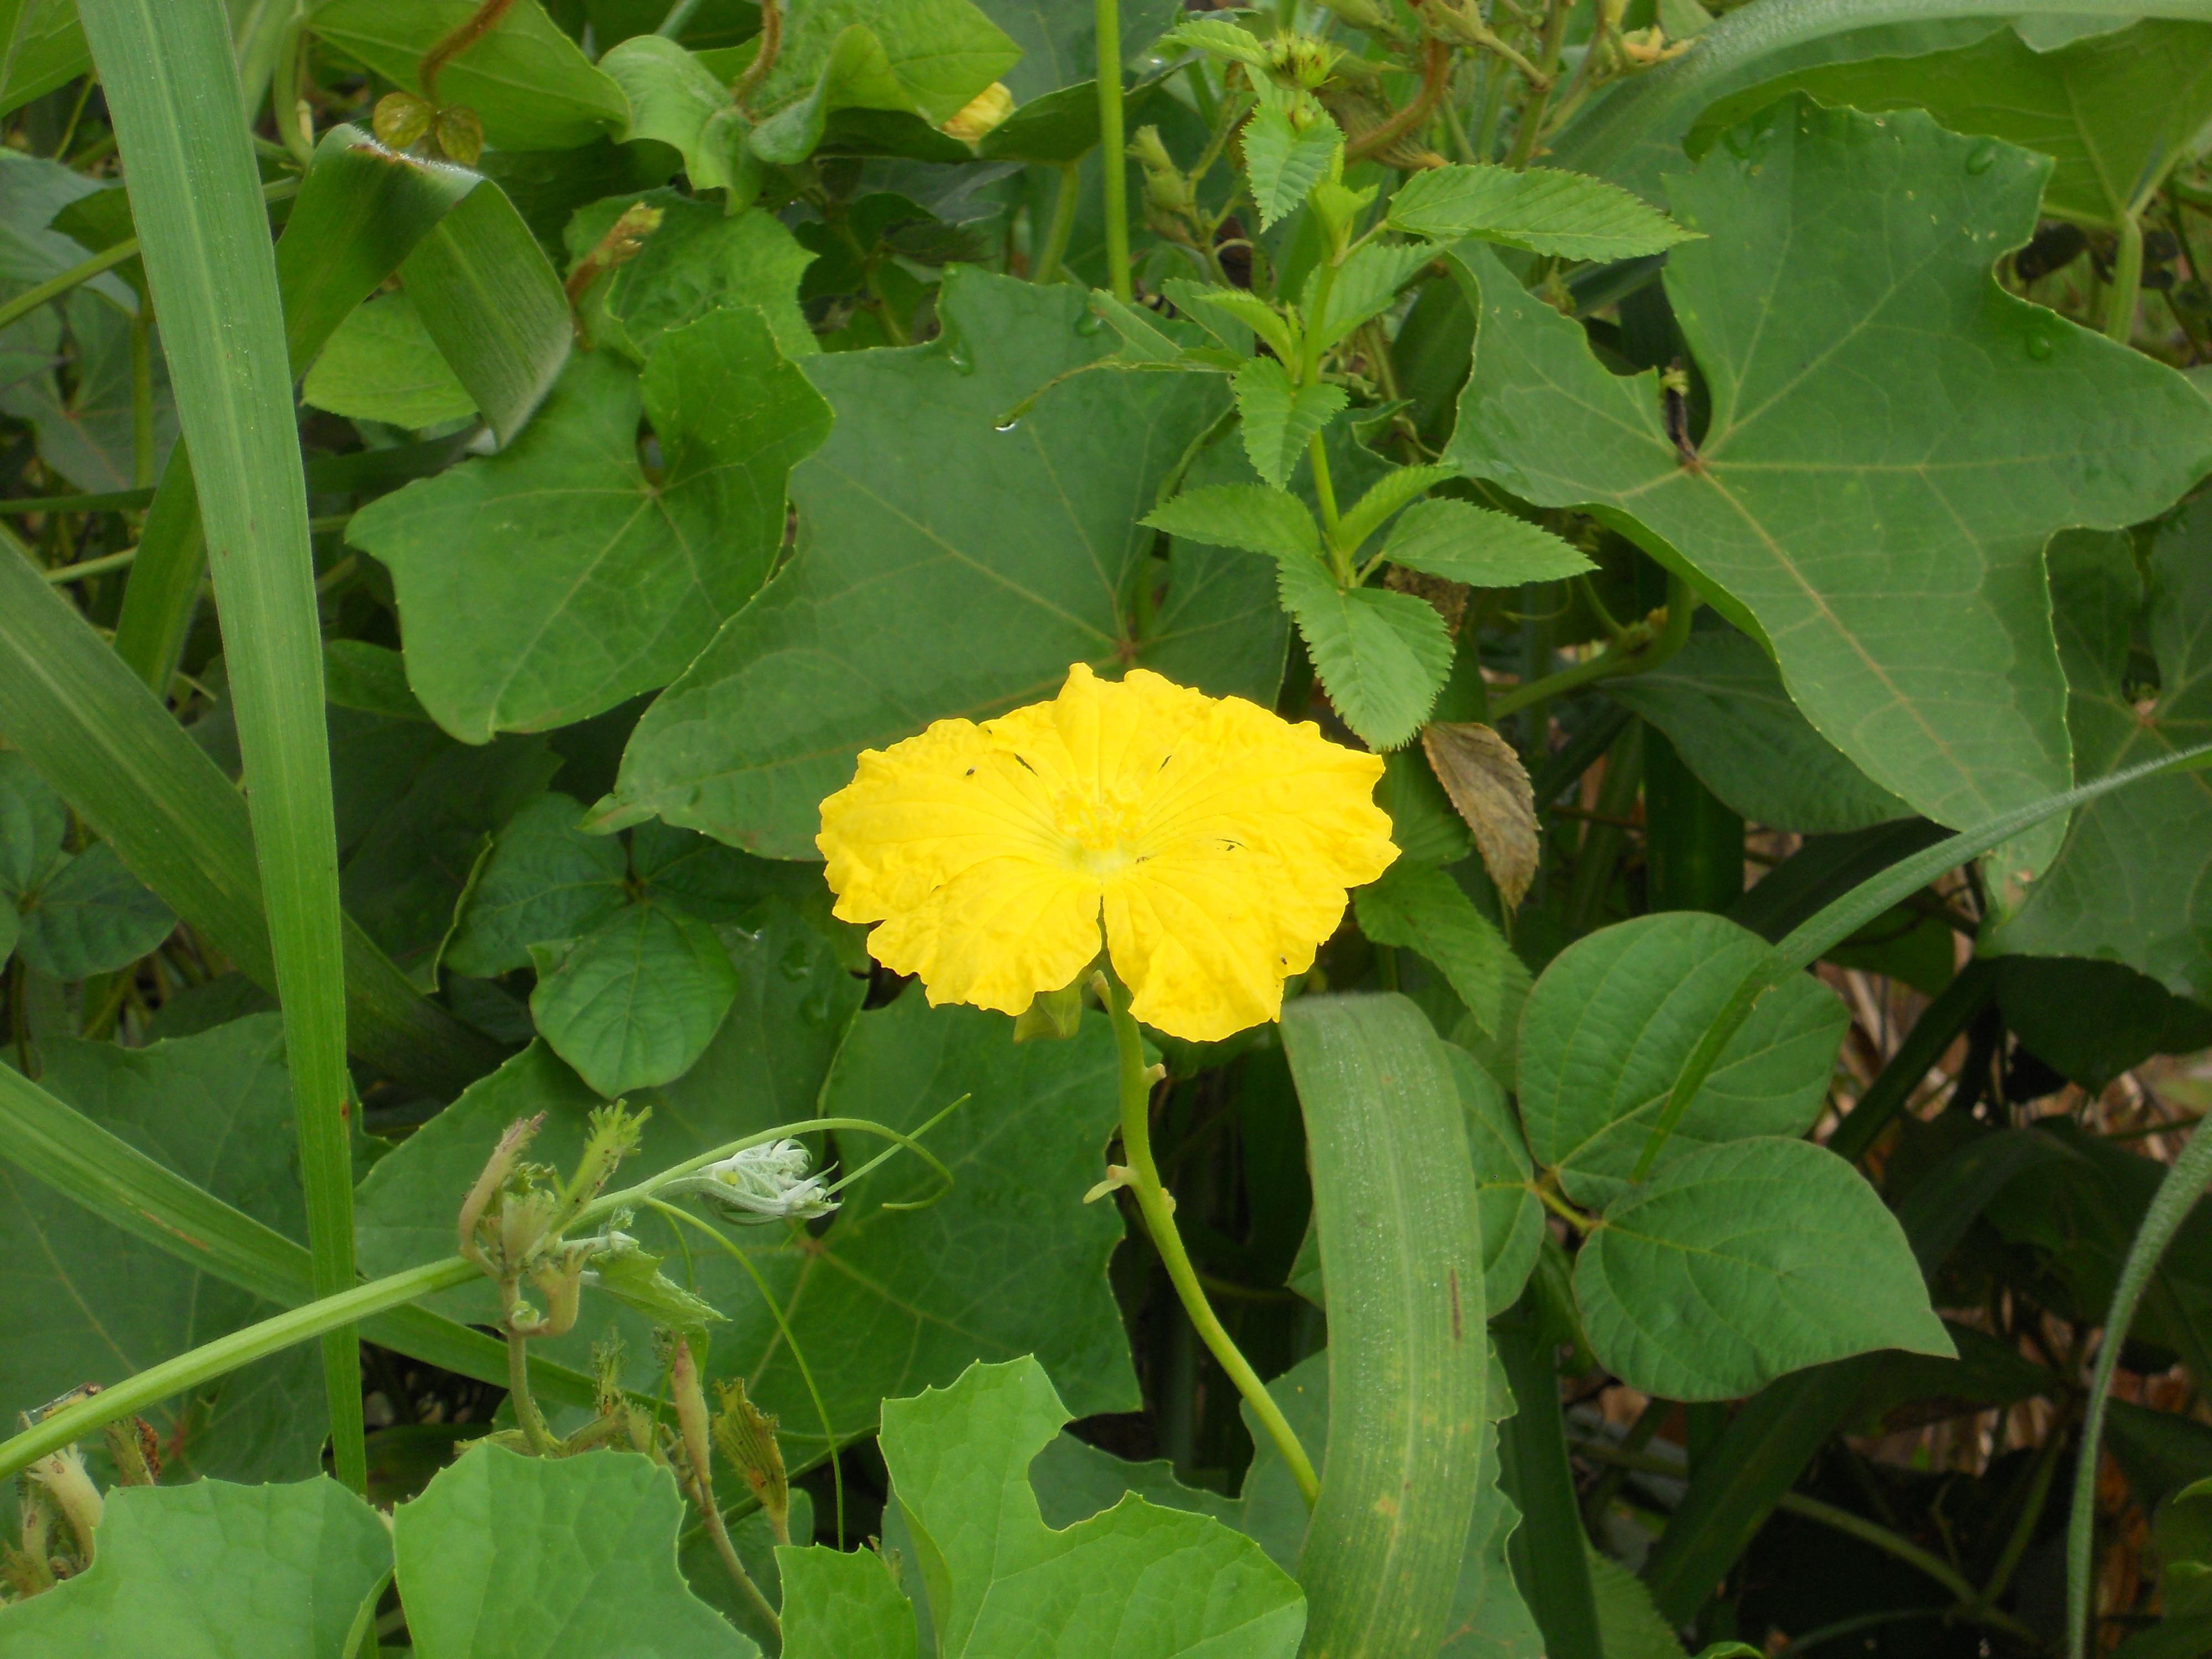 雄花をつけた植物体